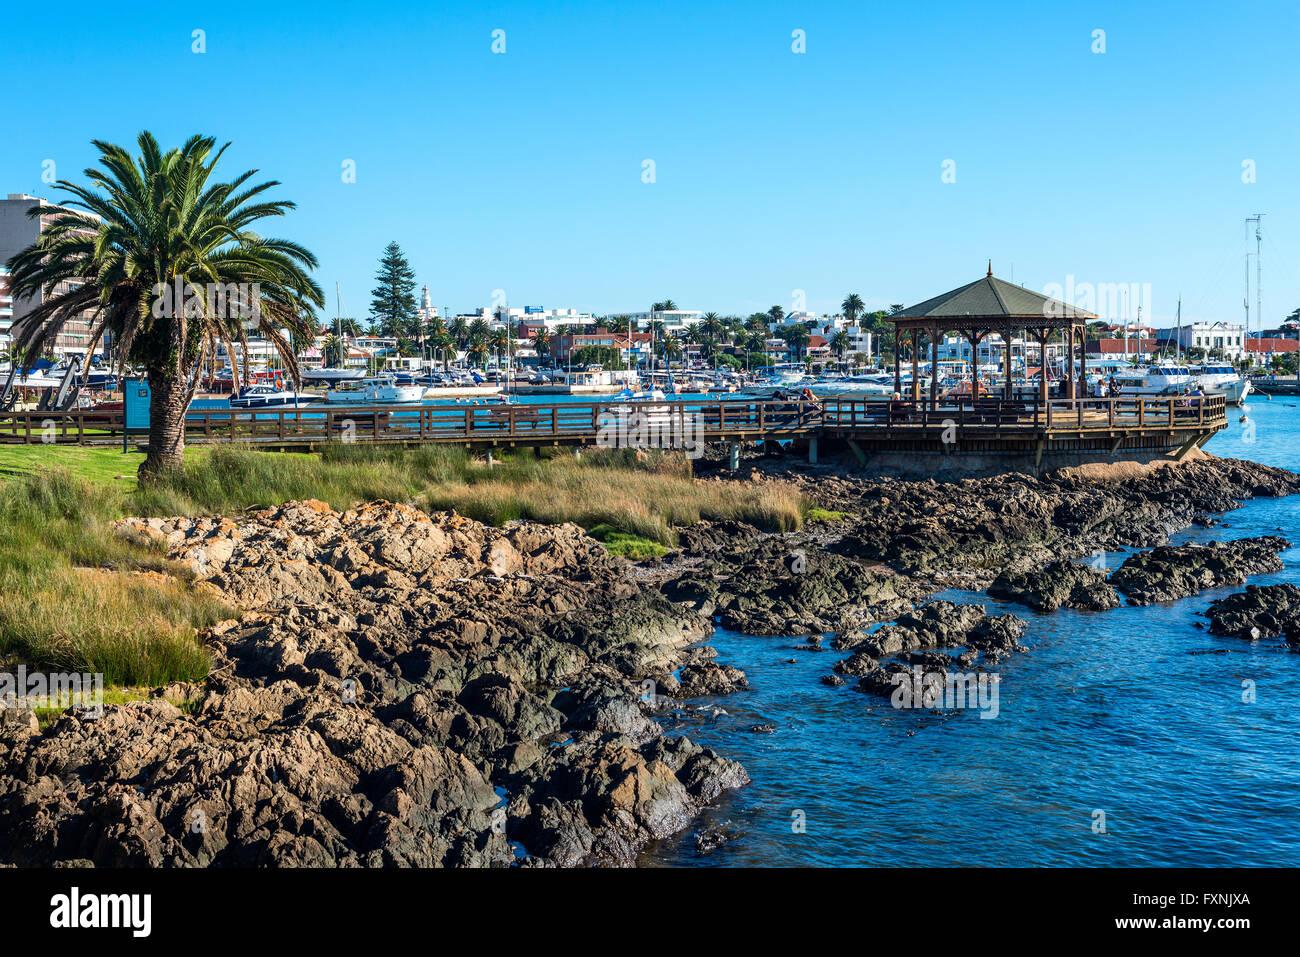 Maldonado, April, 14, 2016 - Yachts of the rich people in Punta del Este harbor, Uruguay - Stock Image